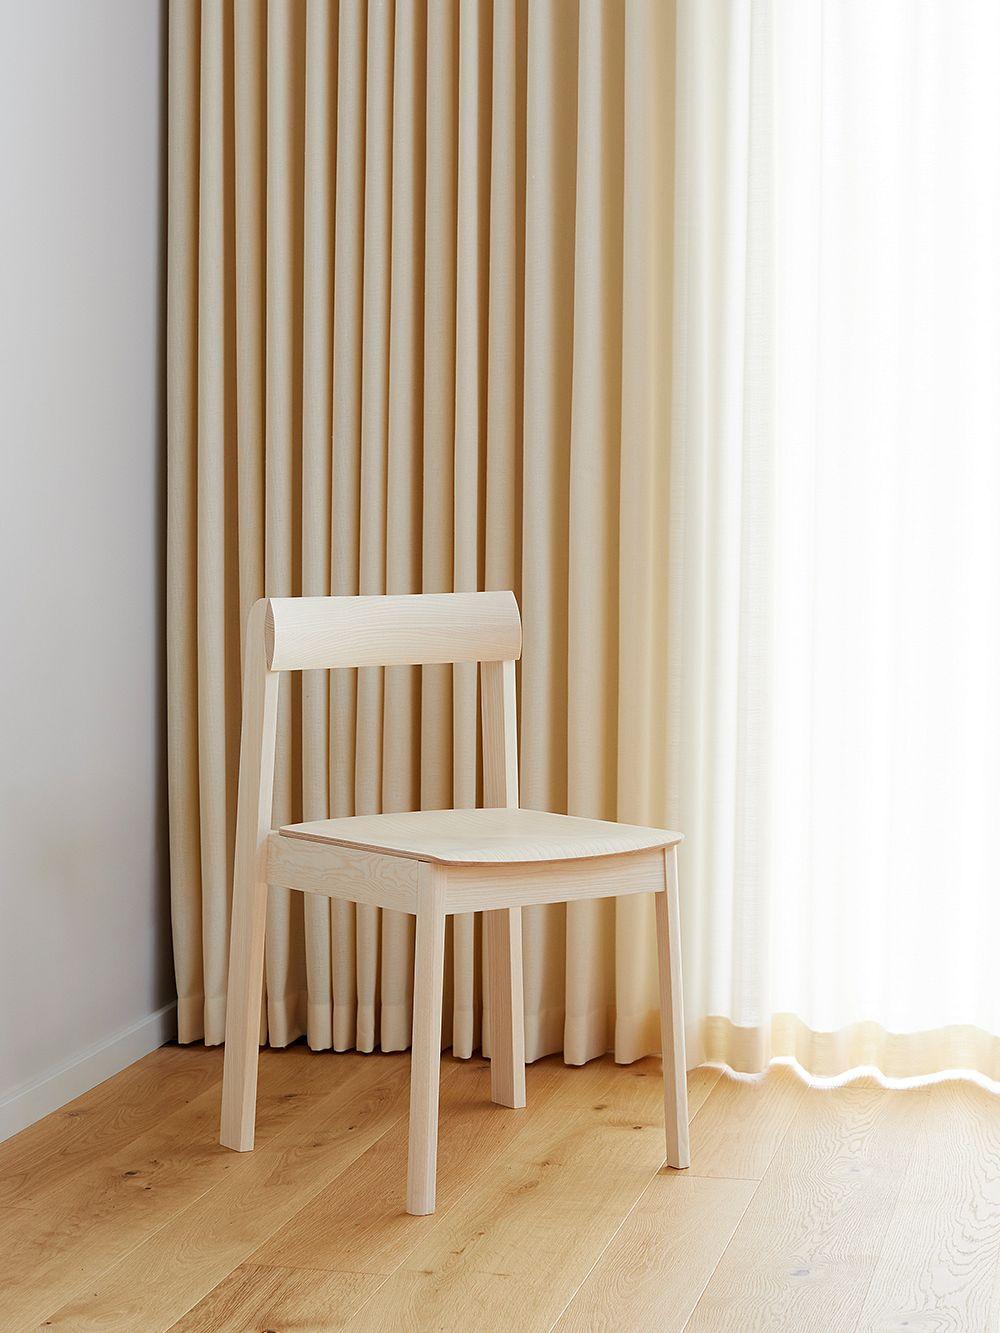 Form & Refine Blueprint tuoli, saarni